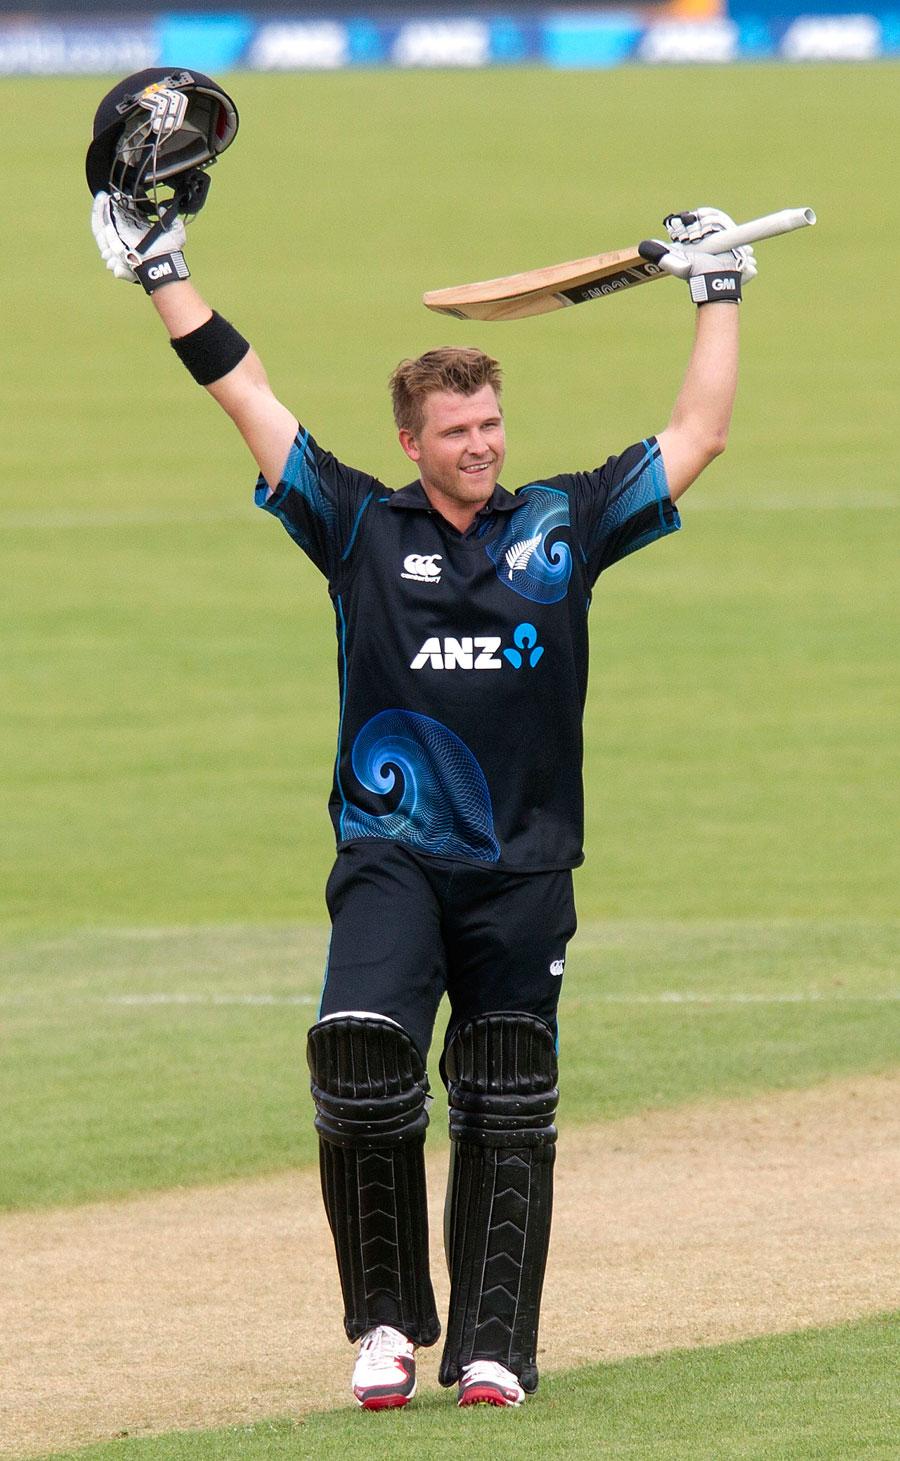 इतिहास के पन्नो से: जब इस किवी बल्लेबाज ने आज ही के दिन जड़ा था वनडे क्रिकेट का सबसे तेज शतक, अफरीदी सहित कई रिकॉर्ड हो गये थे धवस्त 3